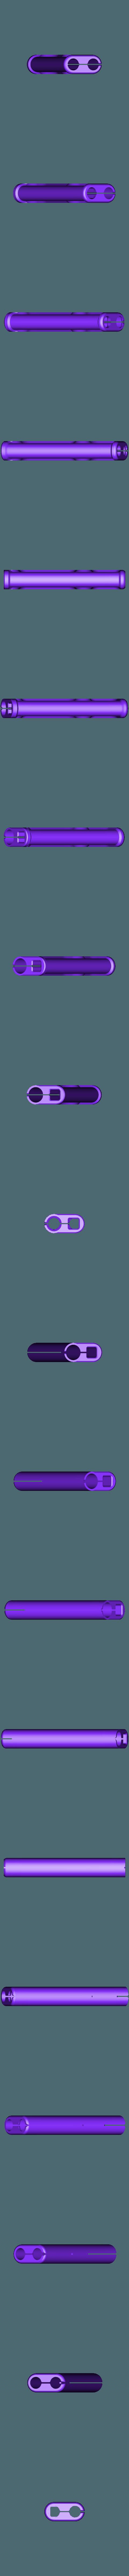 Remote_Body.stl Télécharger fichier STL gratuit Vapemobile : Voiture jouet pneumatique • Modèle pour imprimante 3D, Slava_Z